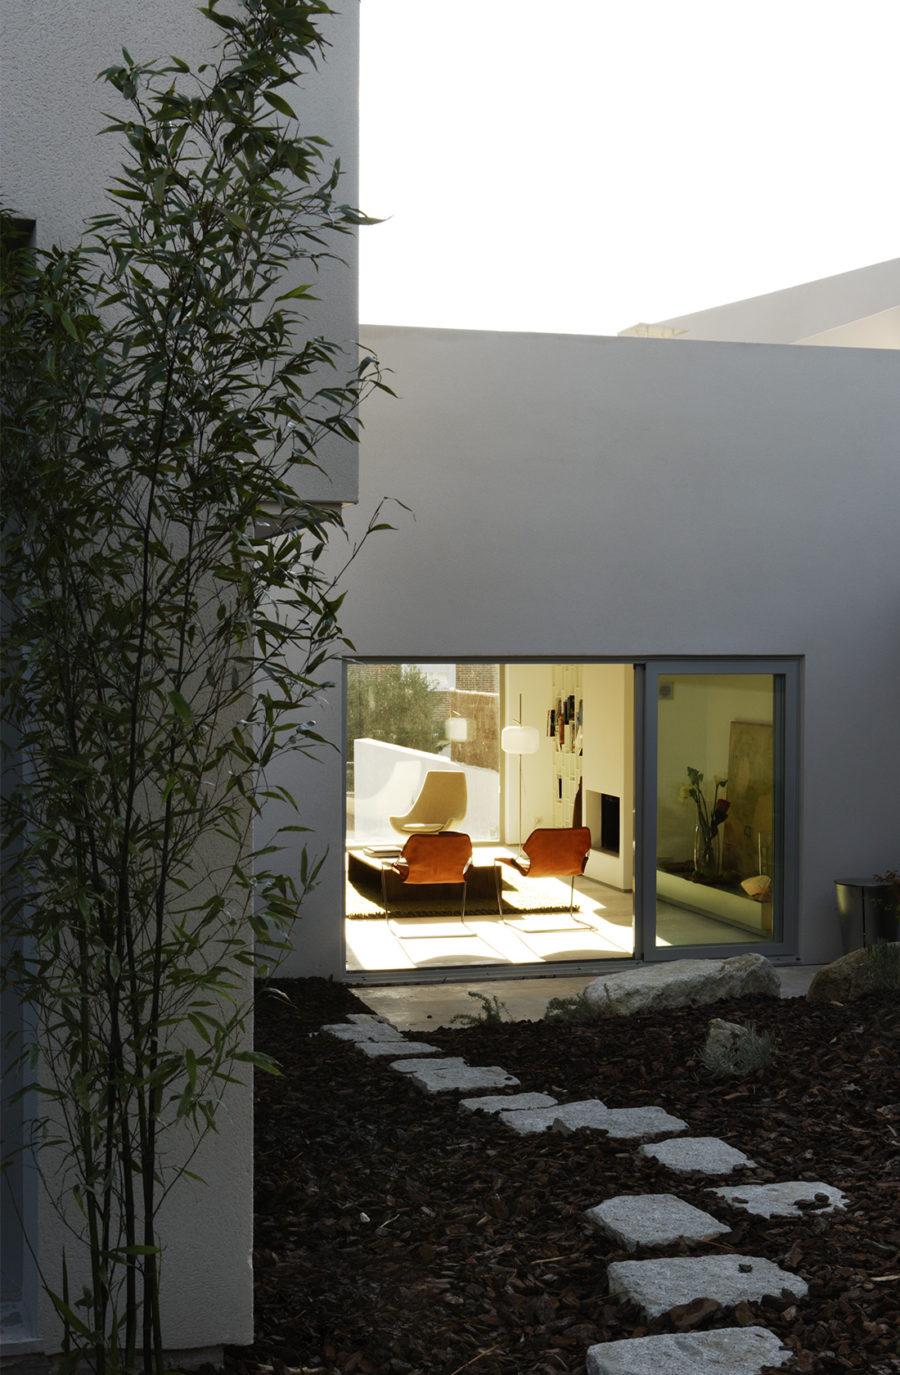 Casa bolo exterior 05